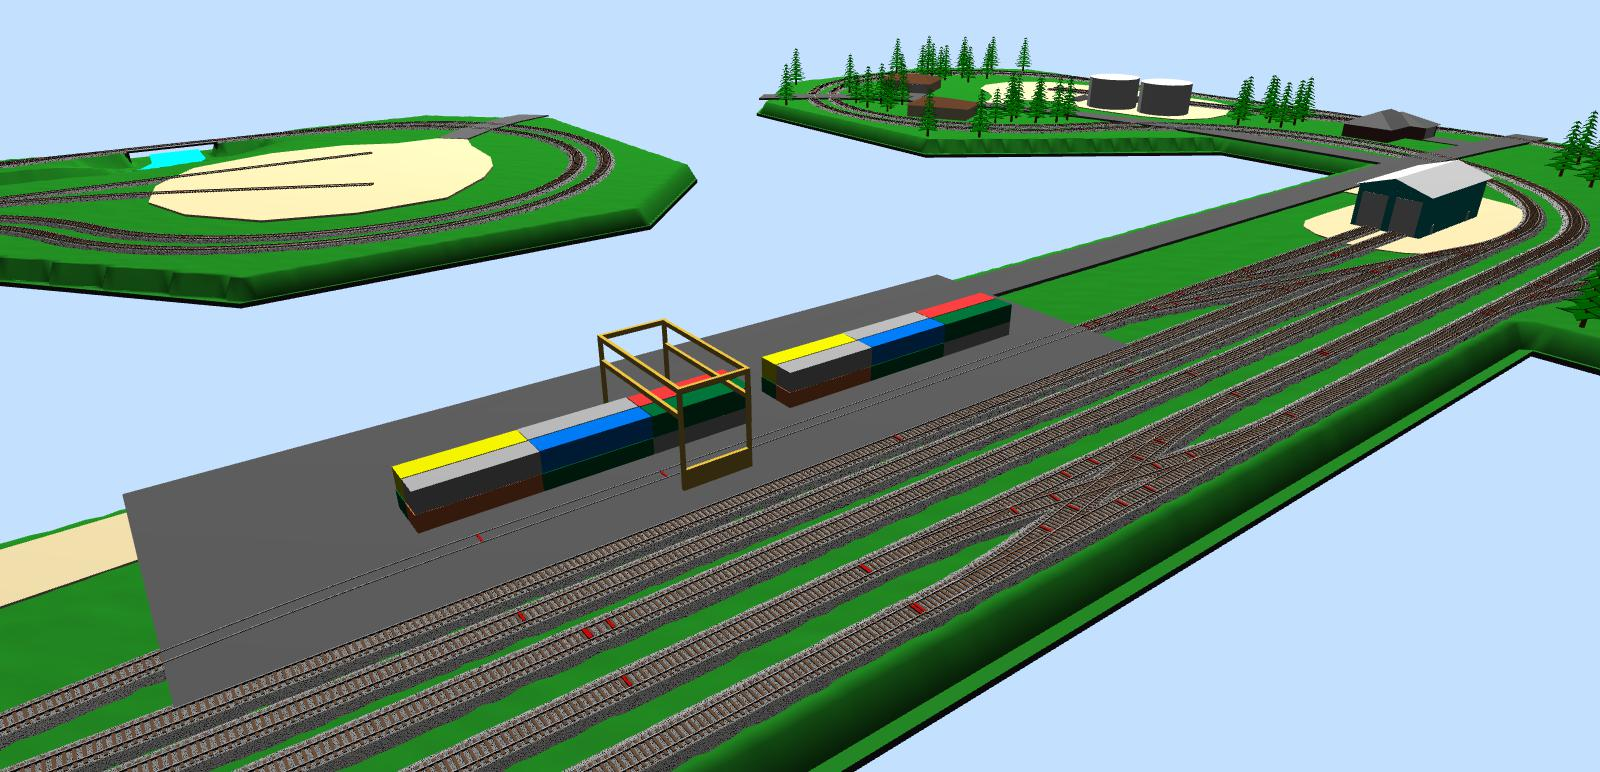 Central Manitoba Model Railroad